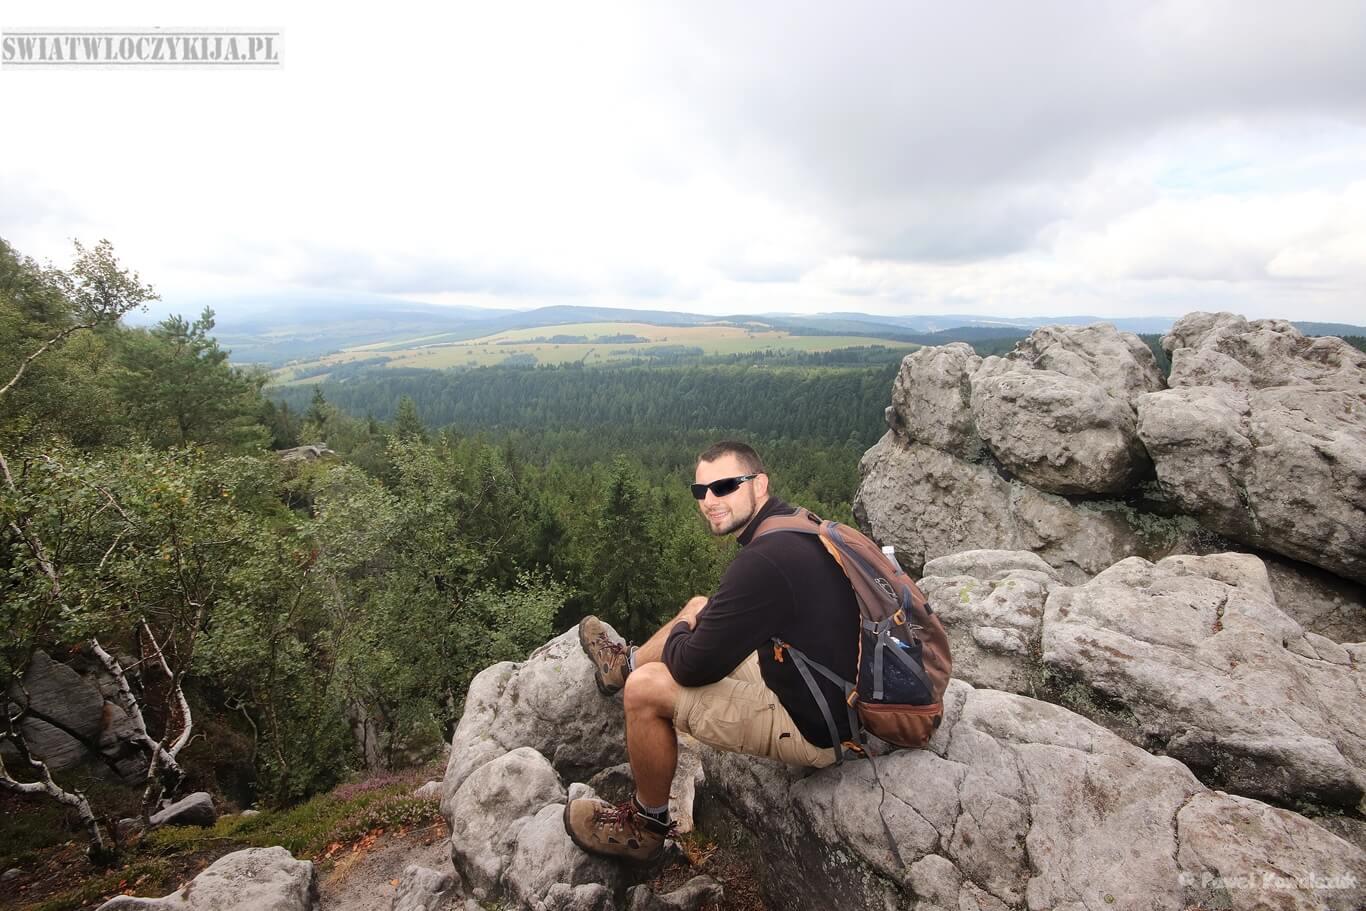 Narożnik - Góry Stołowe. Zdjęcie na skałach z widokiem doliny w tle